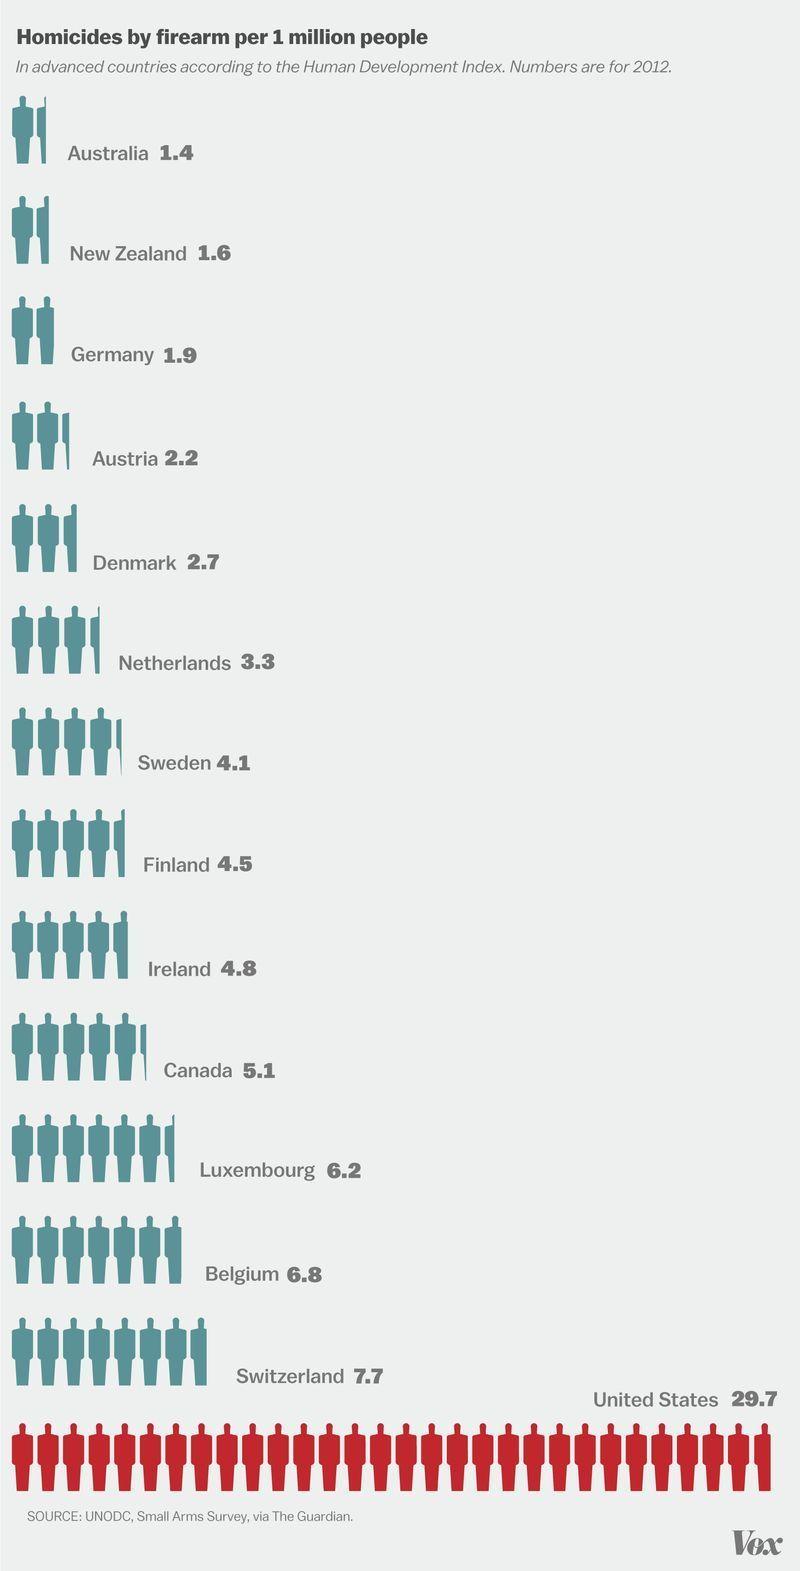 В Америке убийств с огнестрельного оружия в шесть раз больше, чем в Канаде, и в 15 раз больше чем Германии График: Vox